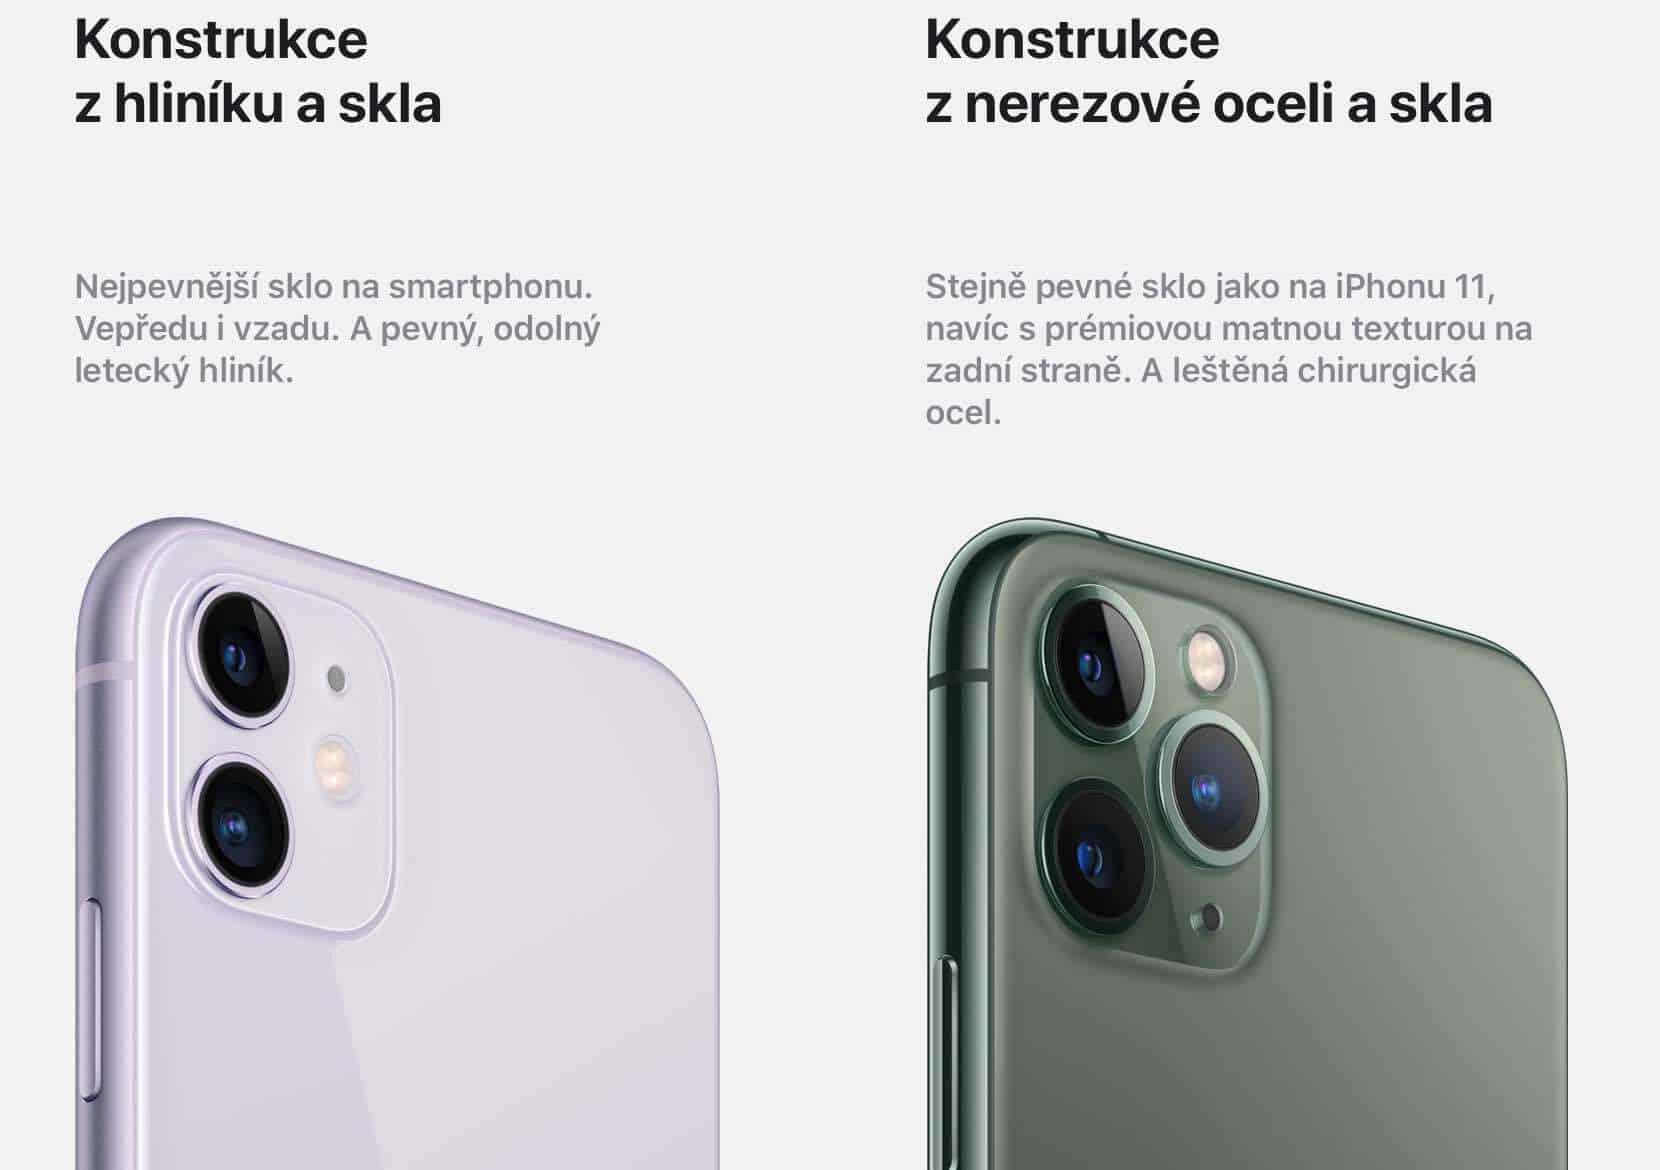 konstrukce iphone 11 a pro